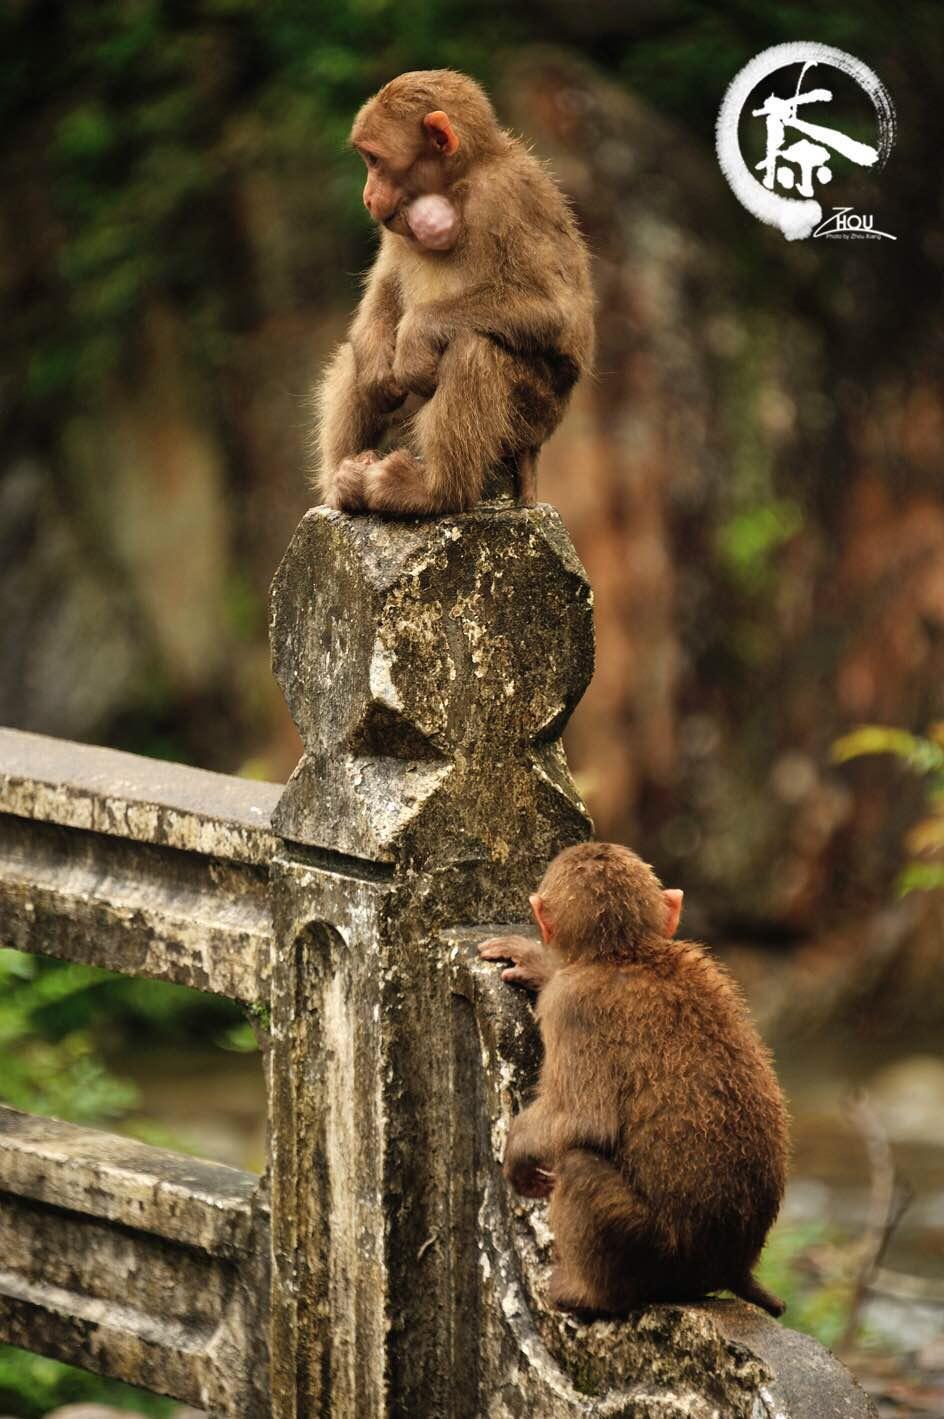 桐木村:来看关里的猴子    由于环境保护得好,这里随处可以看到野生